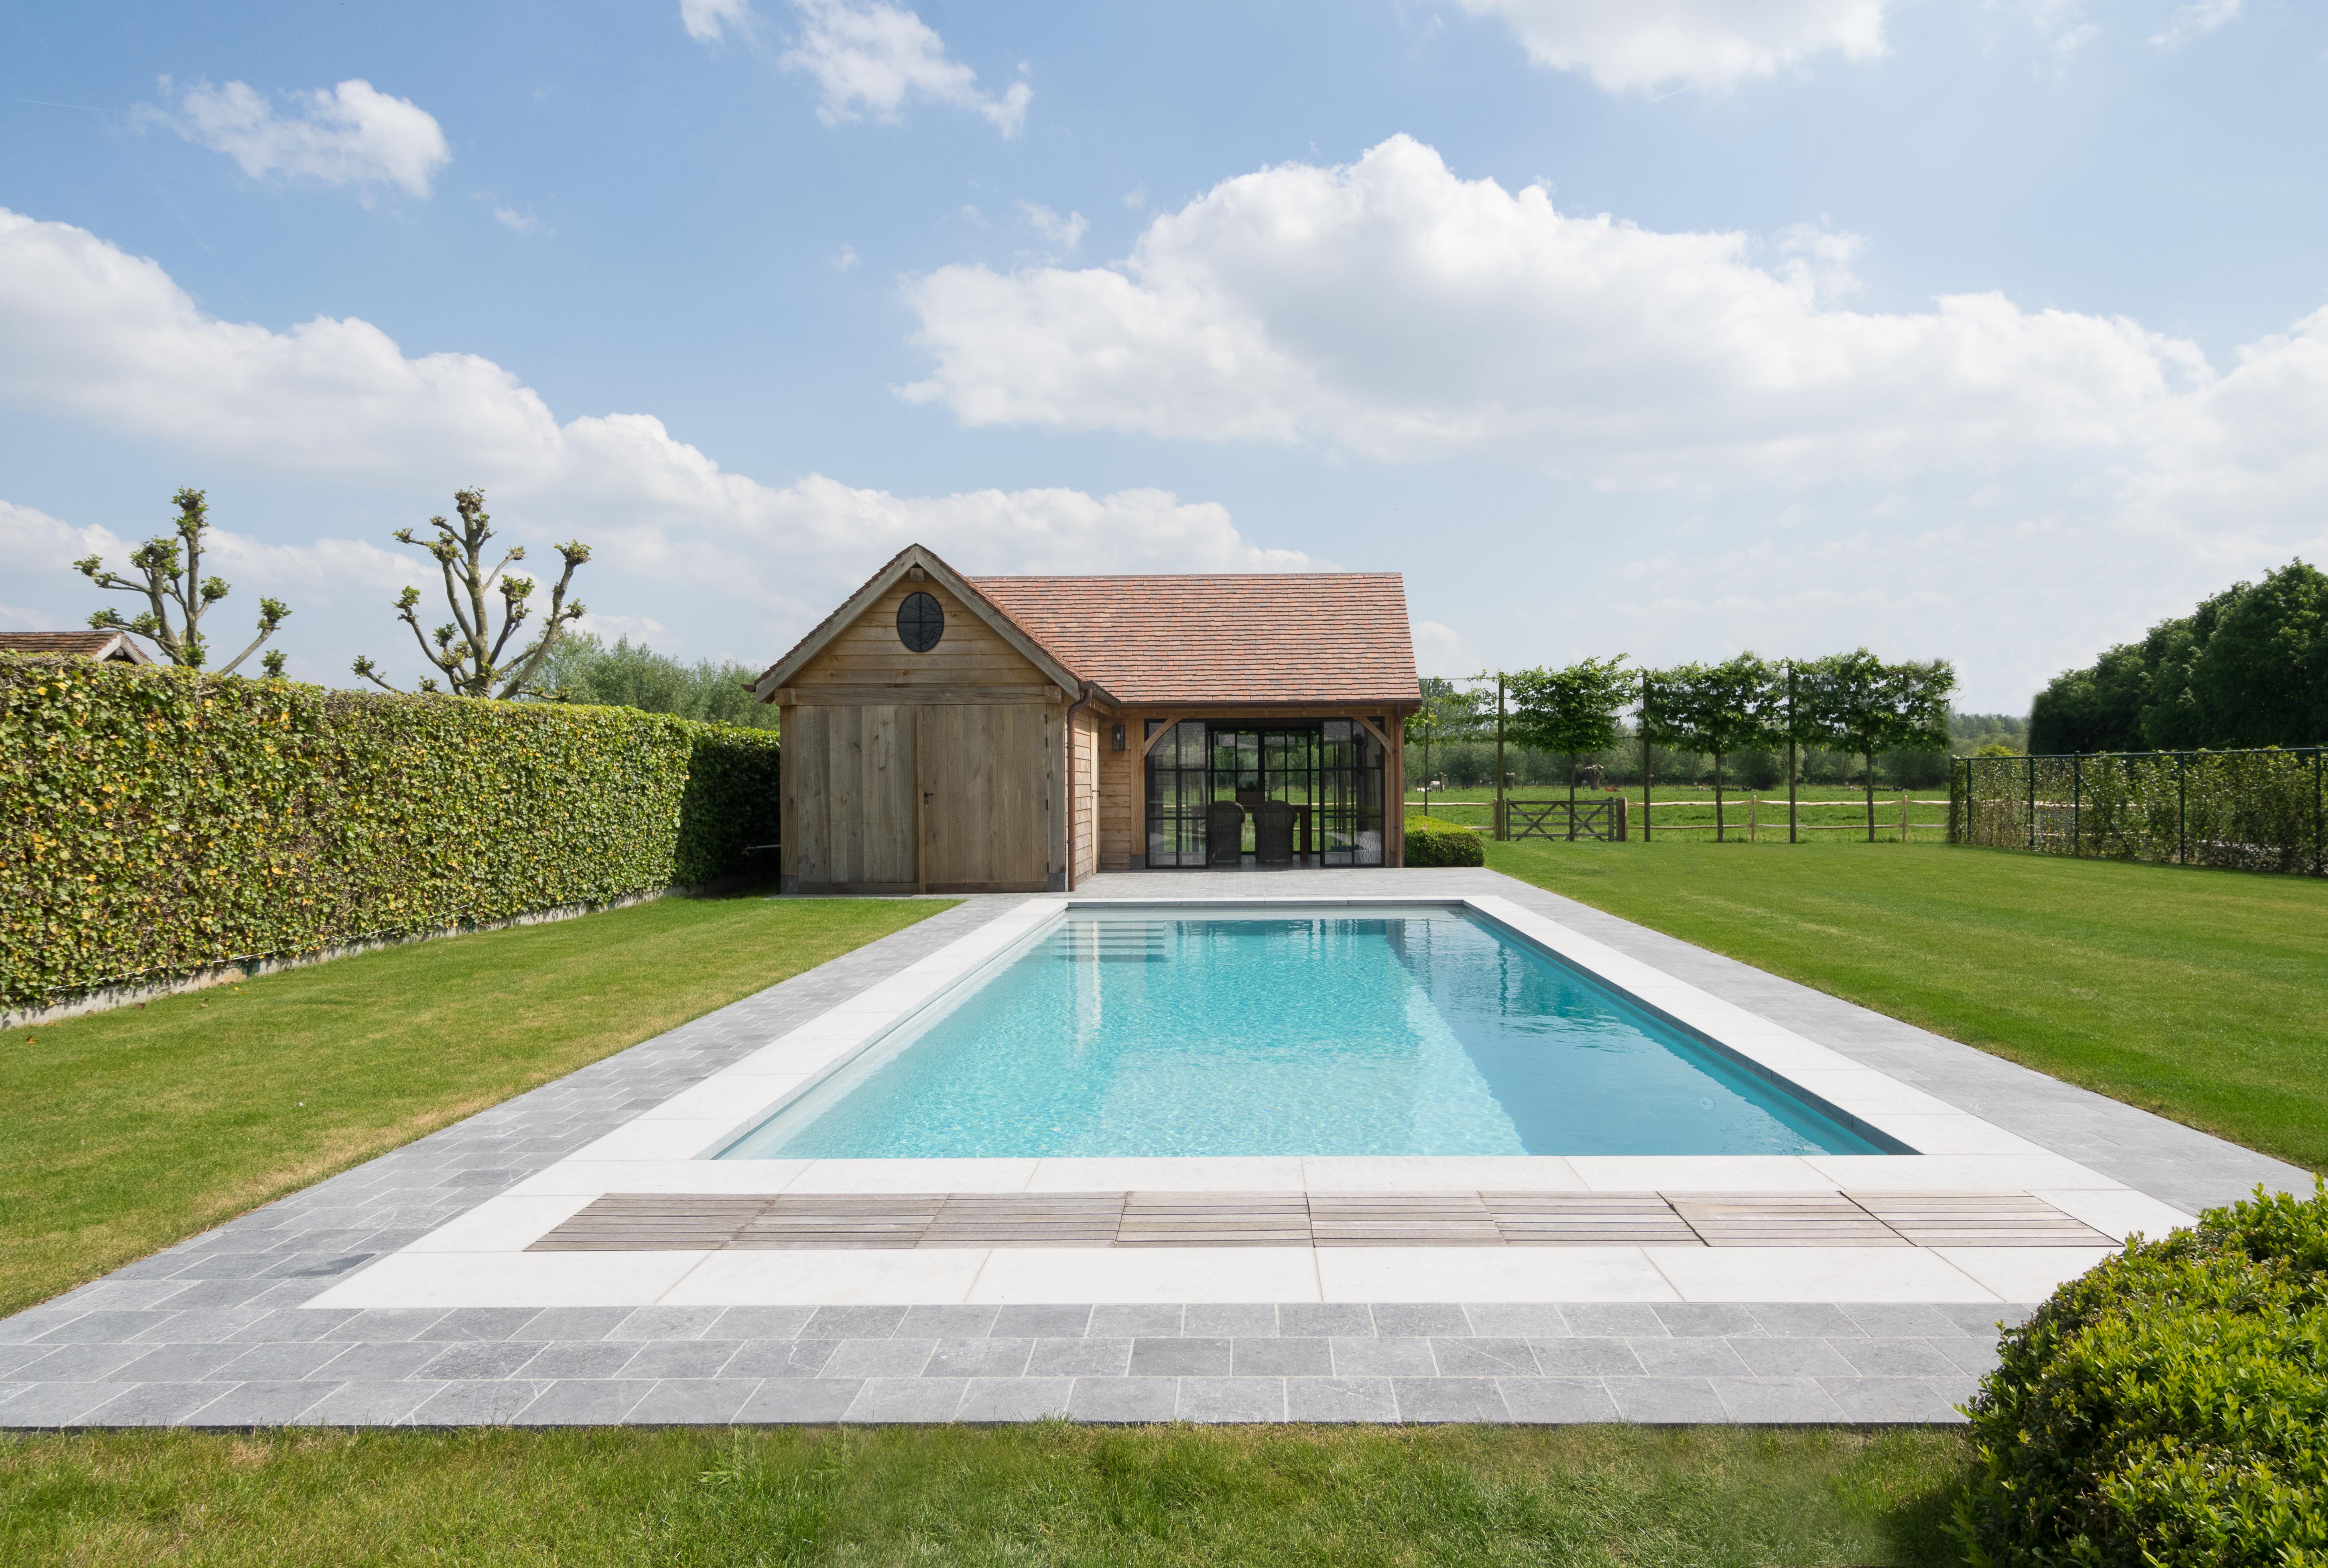 Piscine A Moins De 100 Euros combien coûte une piscine monocoque ? - lpw pools magazine